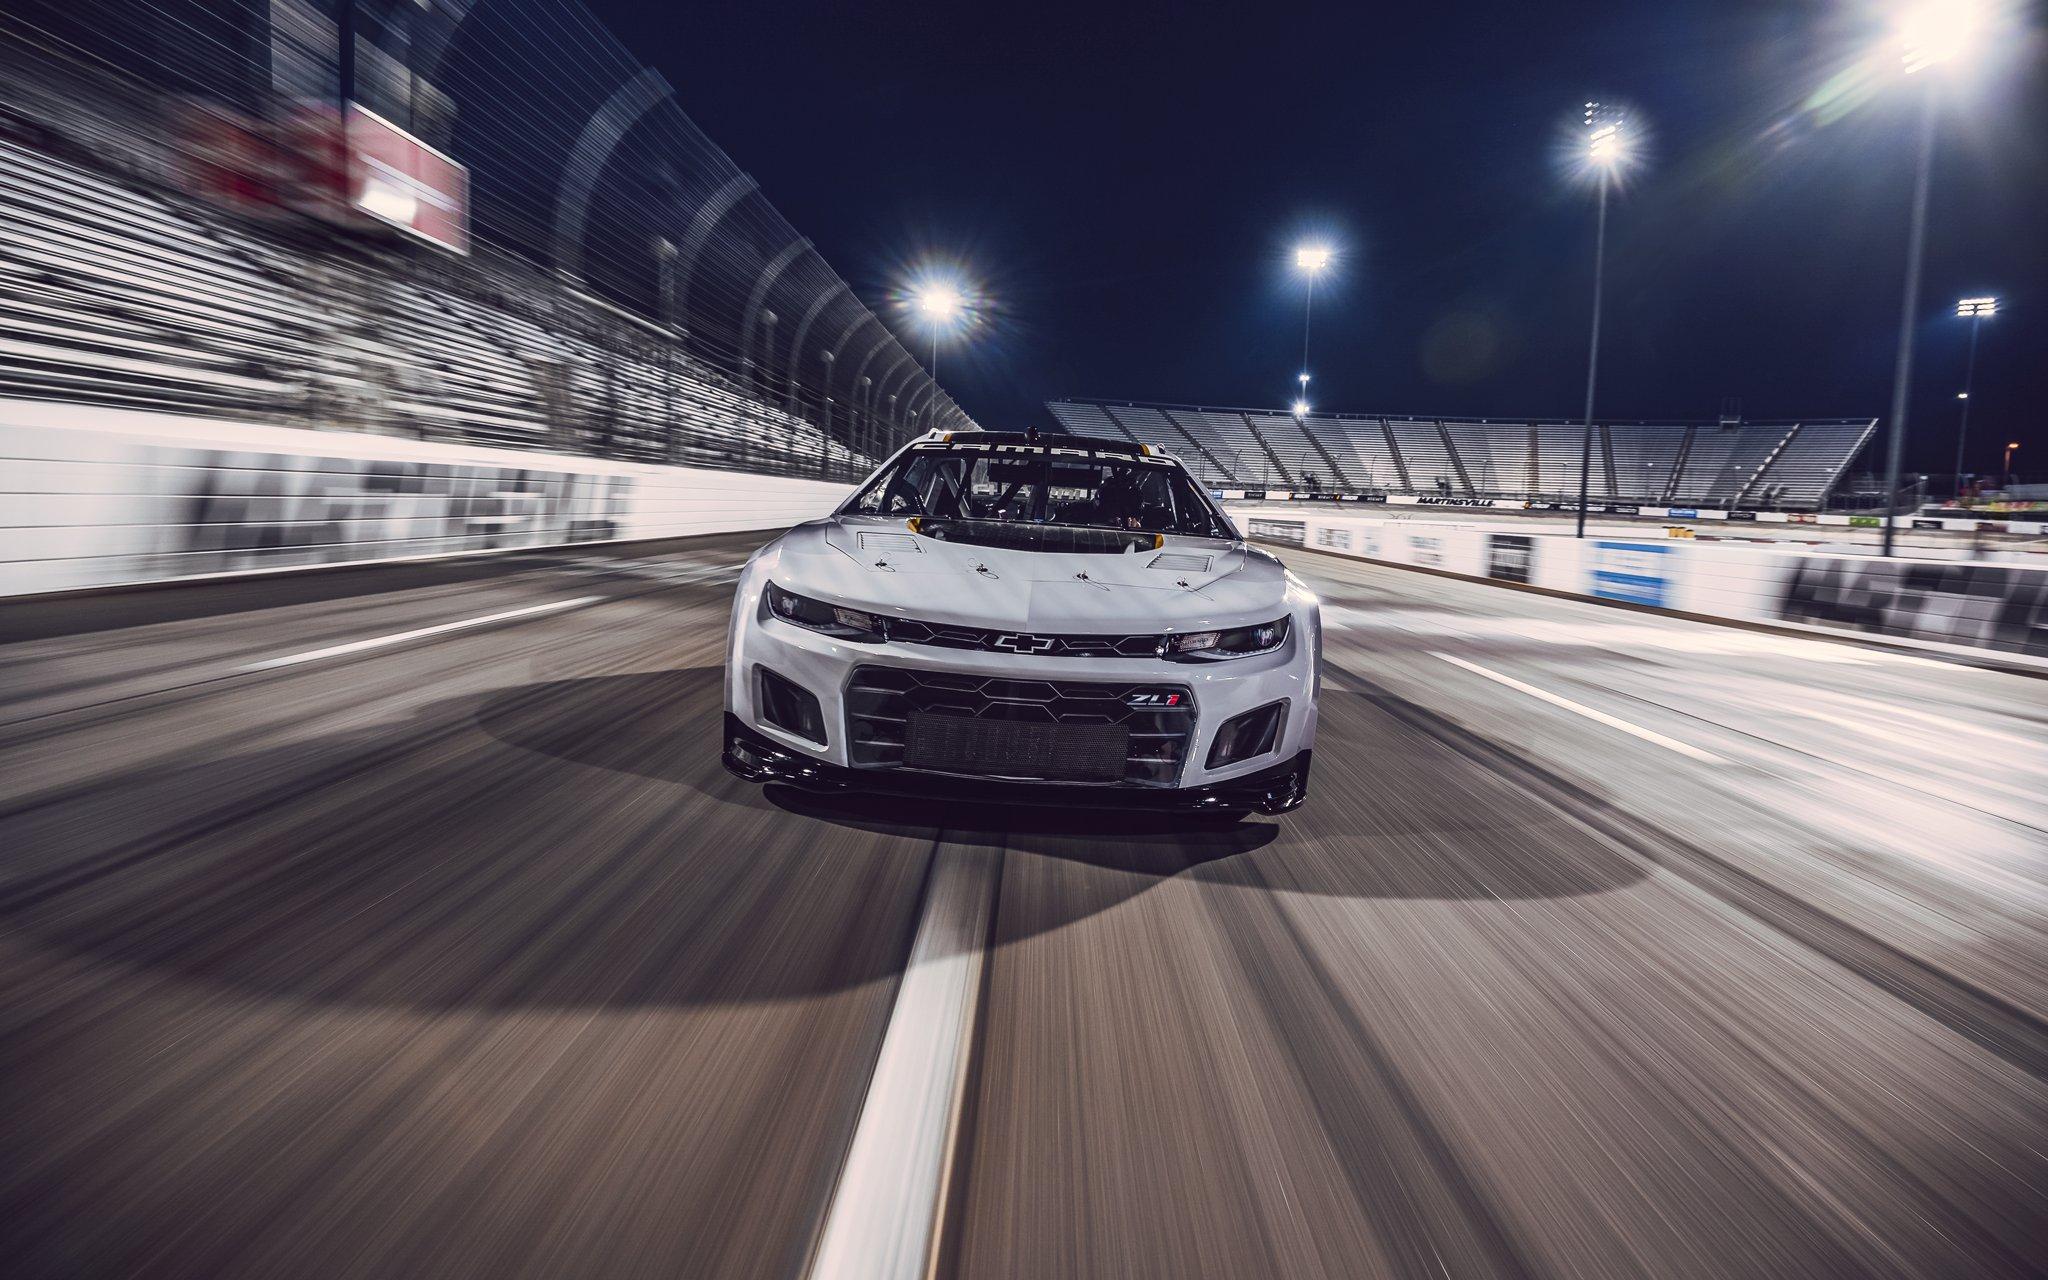 2022 NASCAR Chevy